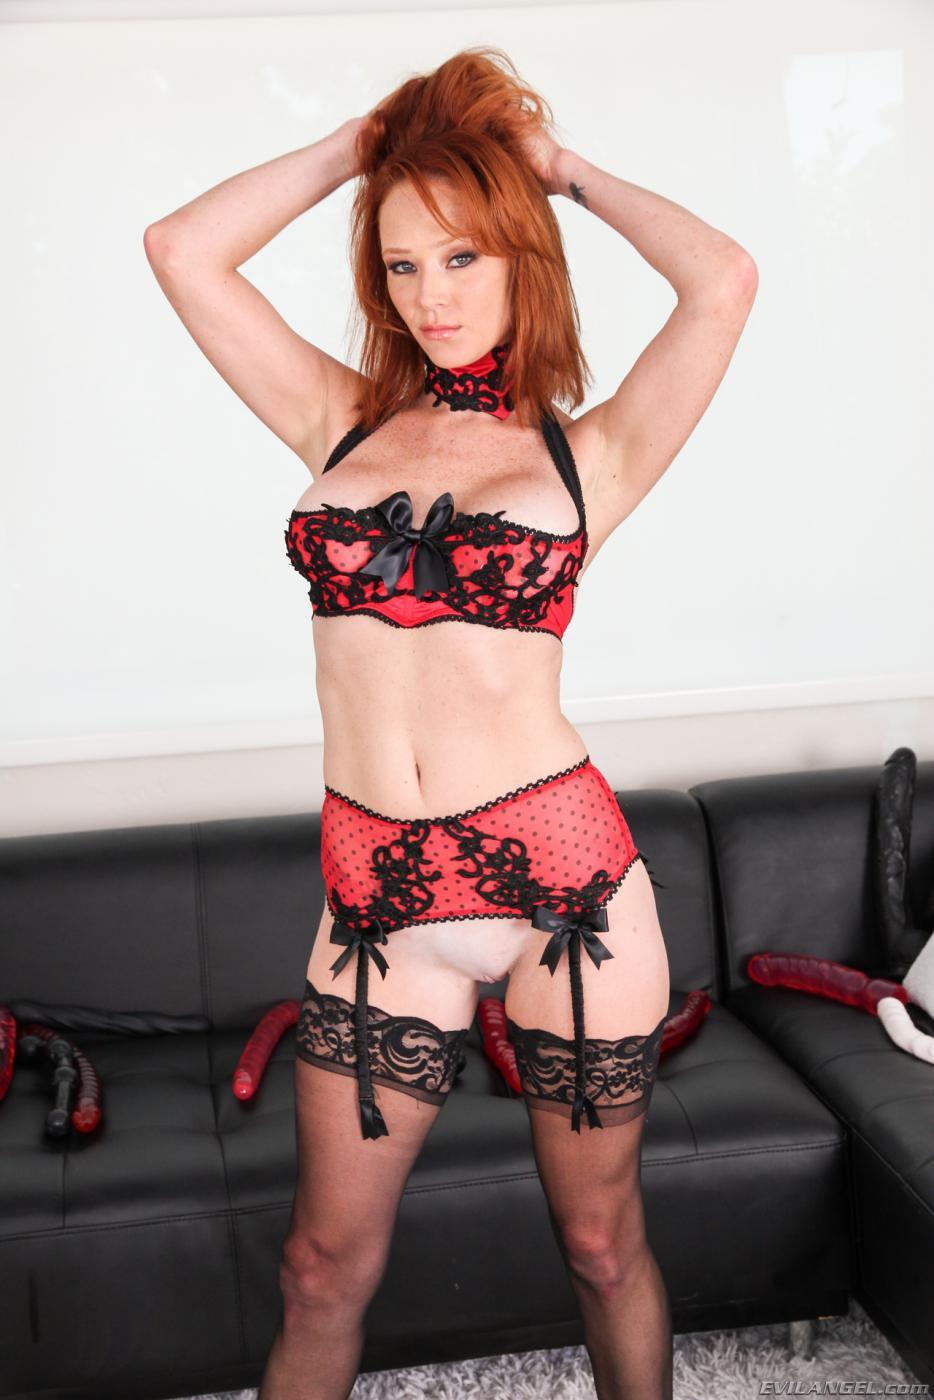 Audrey Hollander Porn Videos audrey hollander porn gallery. redhead milf audrey hollander